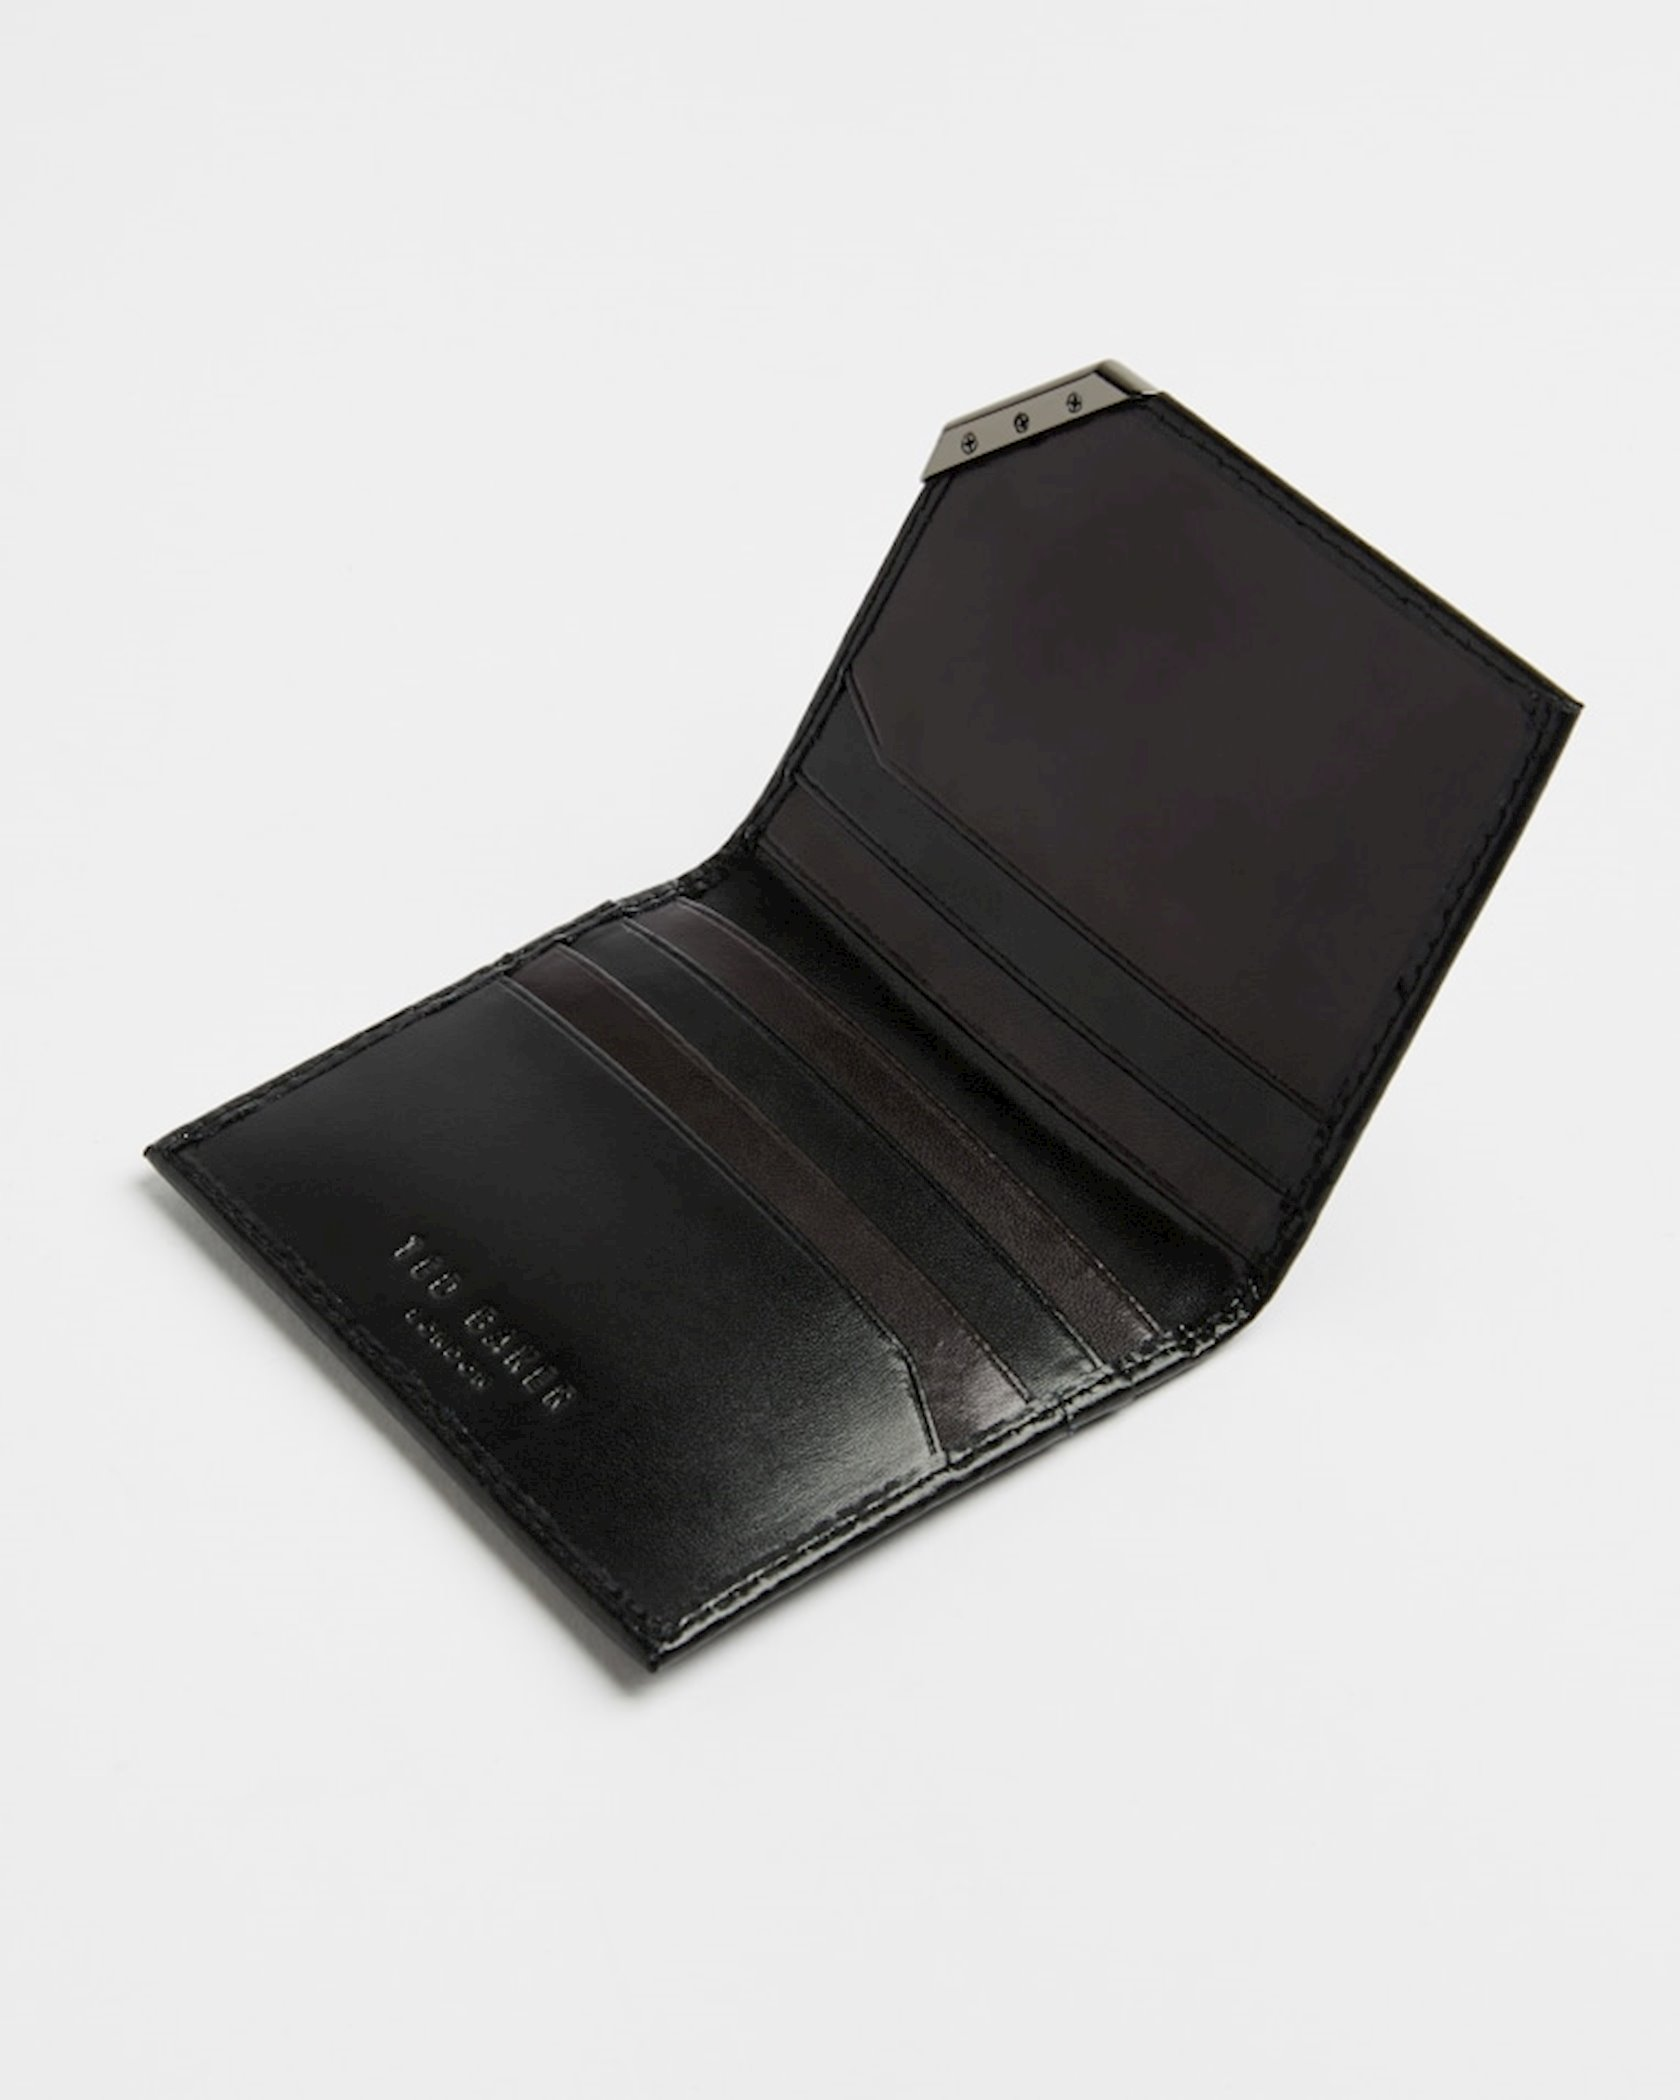 Kişilər üçün dəri pulqabı Ted Baker Coral 247143, Black